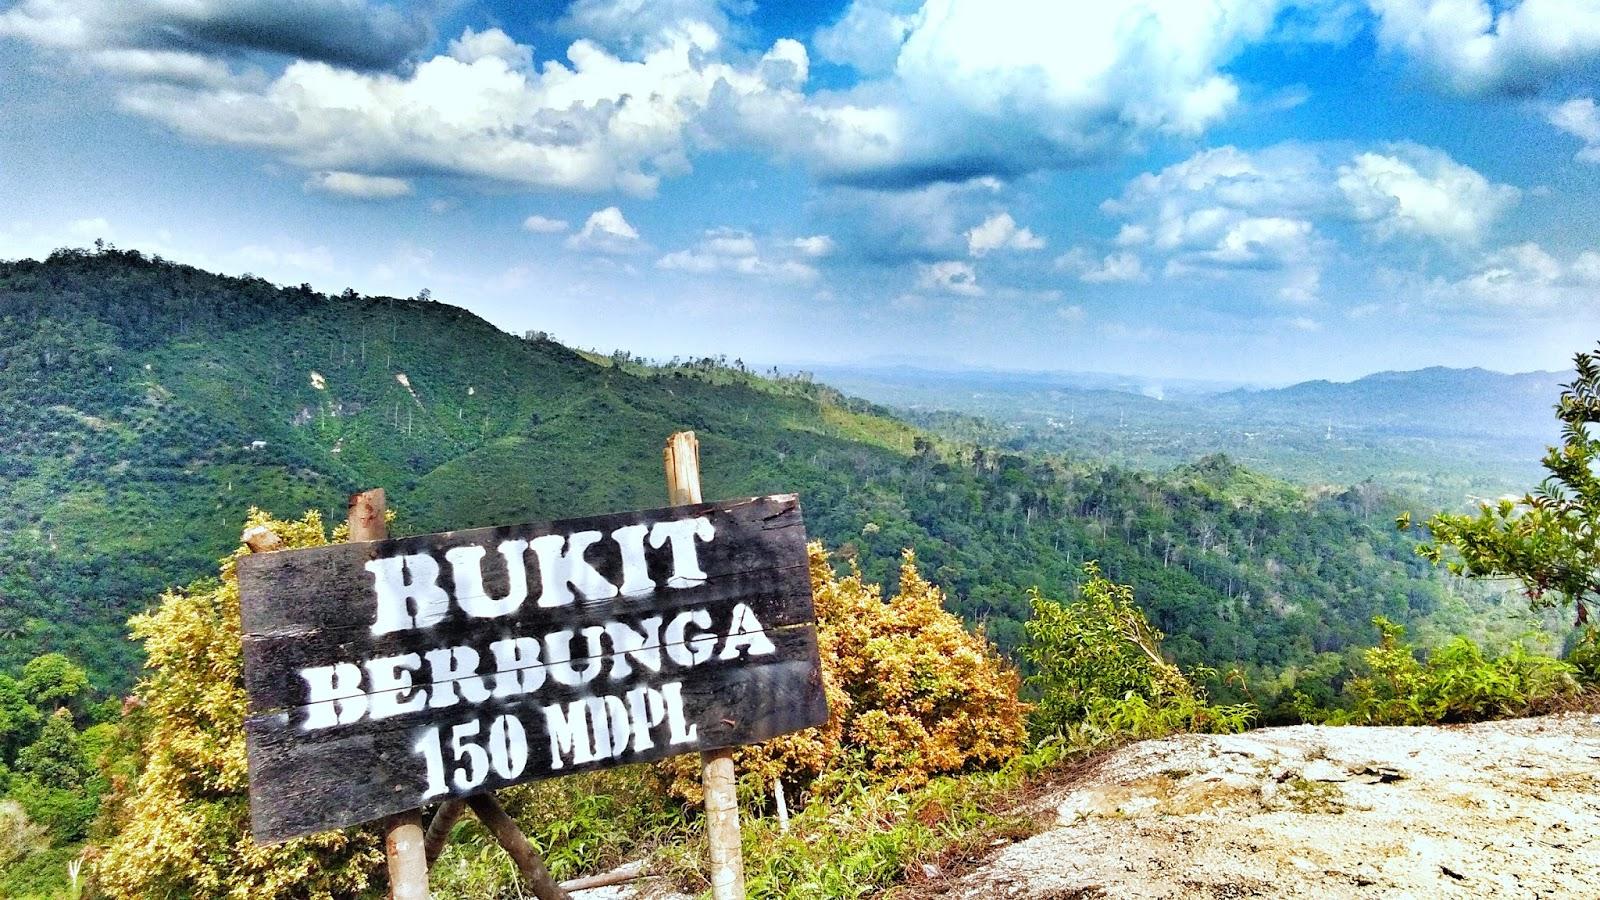 Indragiri Hulu Kabupaten Dengan Sejuta Keindahan Dan 10 Destinasi Wisata Terbaiknya Destinasi Travel Indonesia